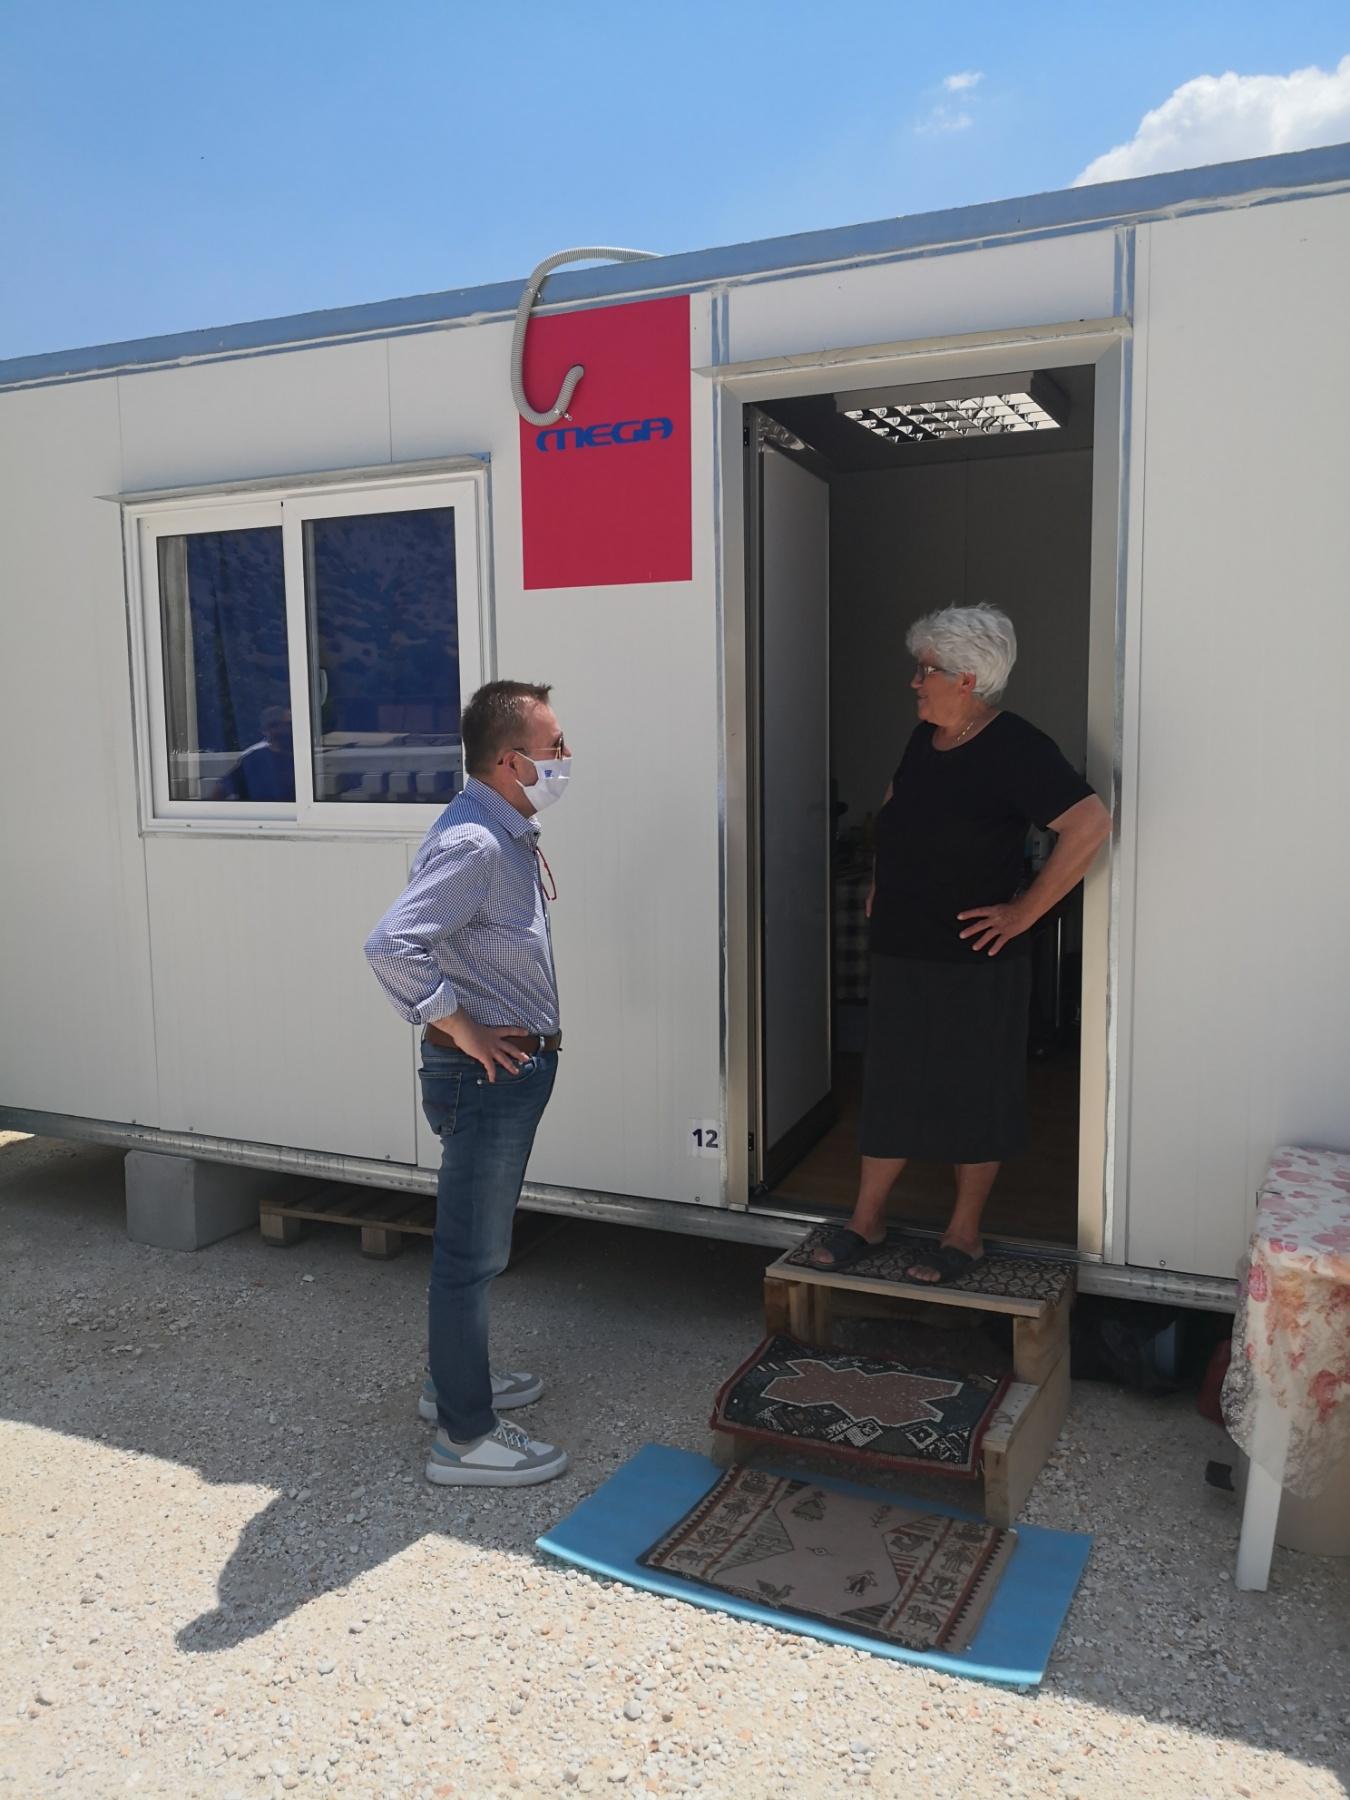 Κόκκαλης από Δαμάσι: Ο Πέτσας έδωσε 600 ευρώ και άφησε τους σεισμόπληκτους στο έλεος του Θεού